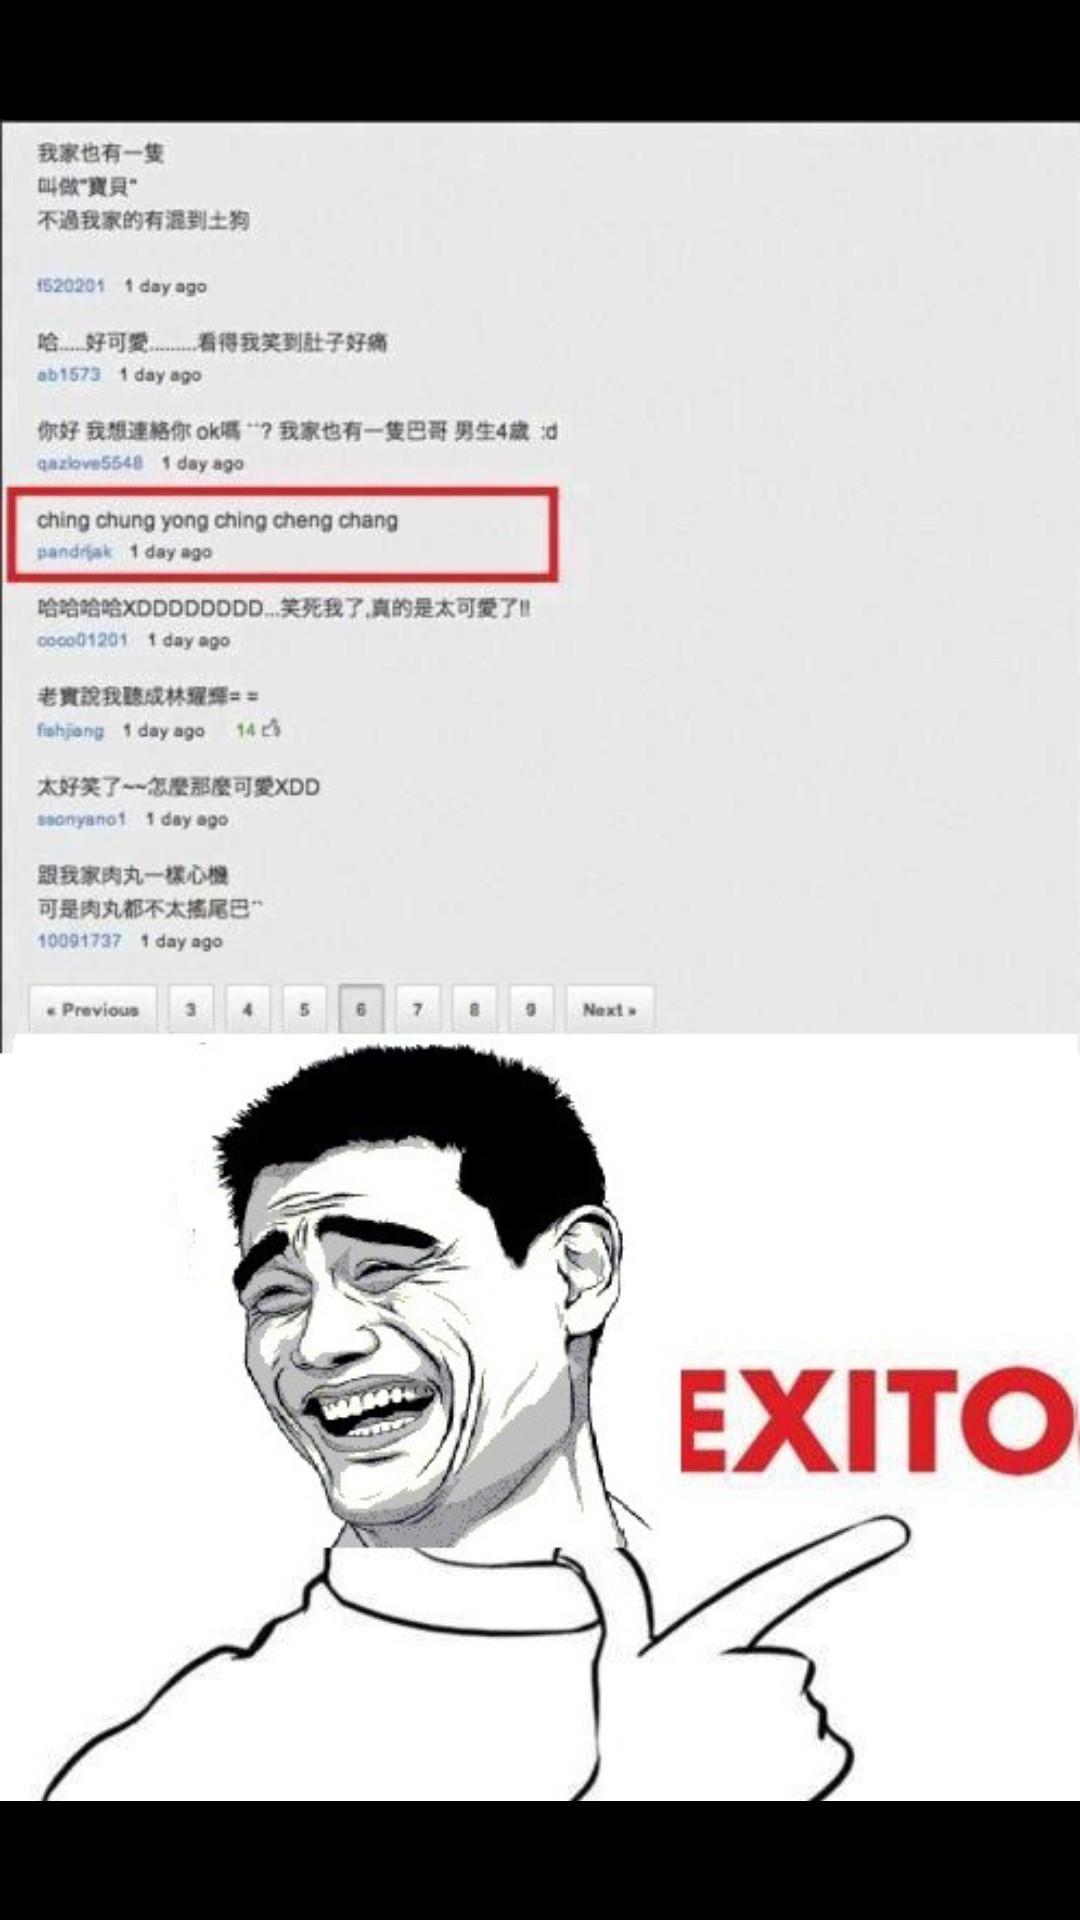 Exitoo - meme